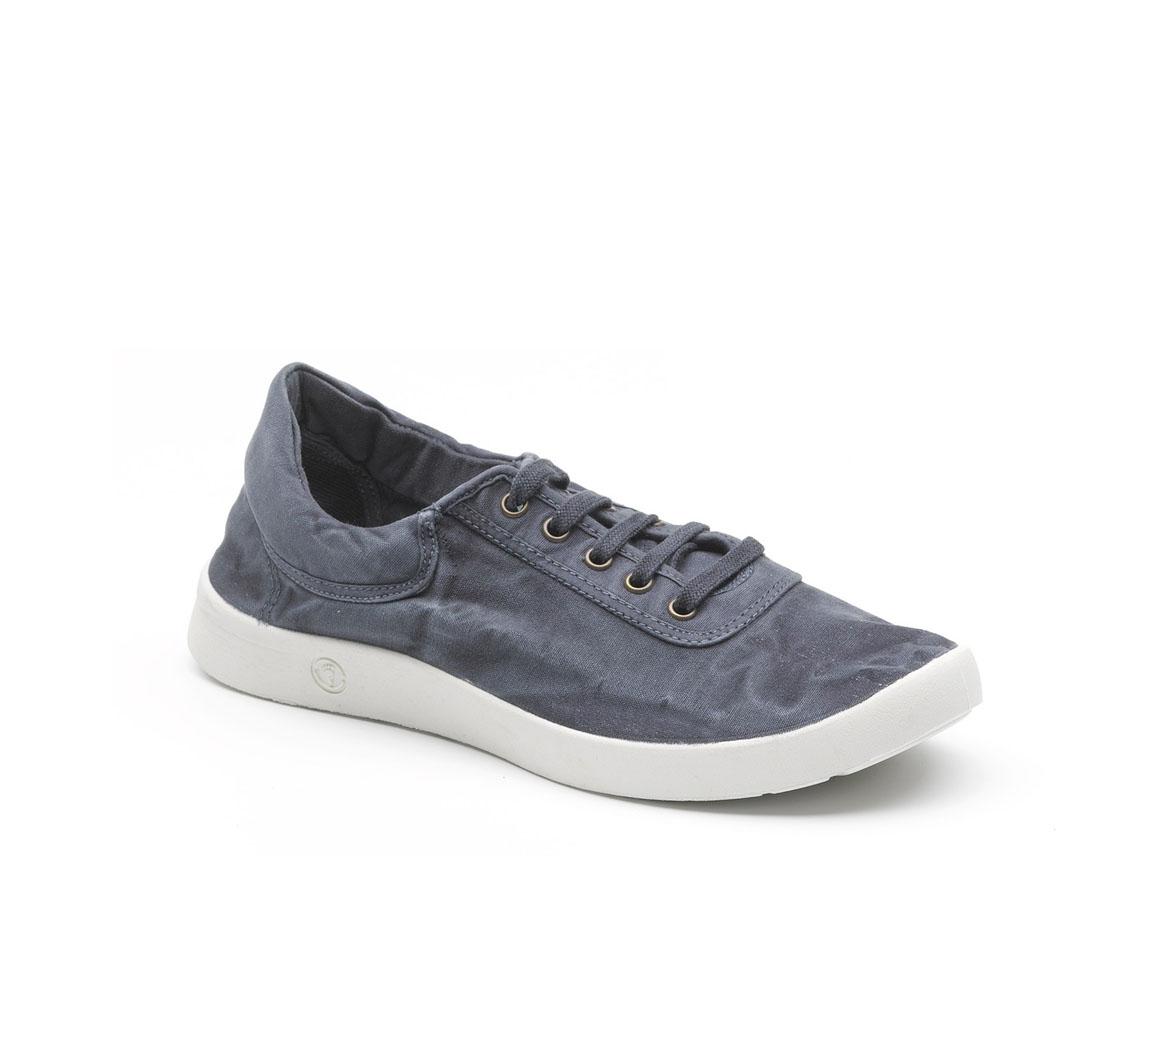 Chaussure homme Basquet sport Enzimatico